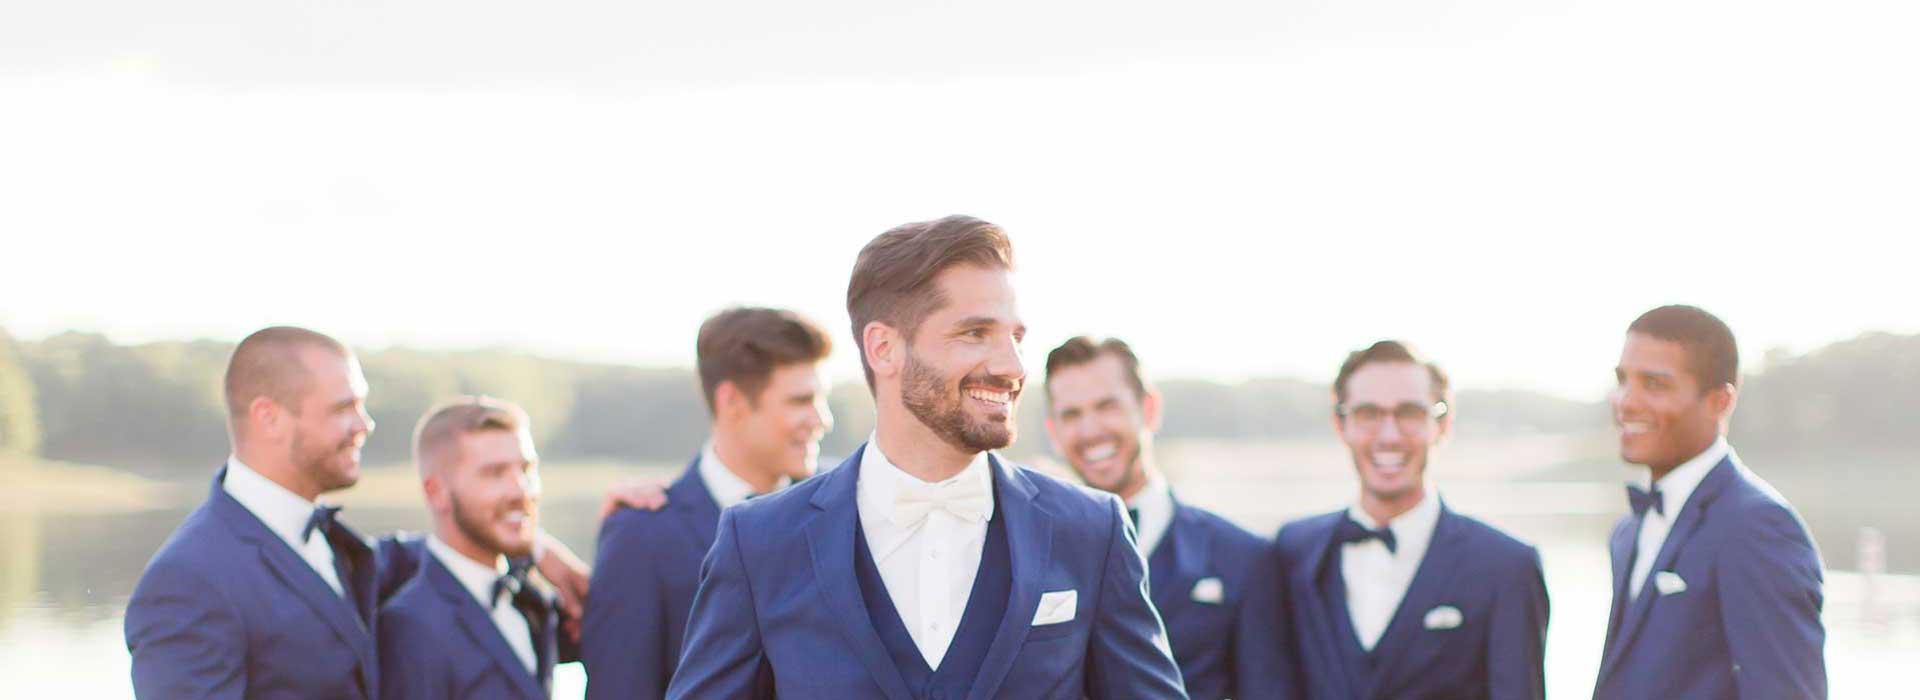 Savvi Formalwear October 2019 Special rotating image